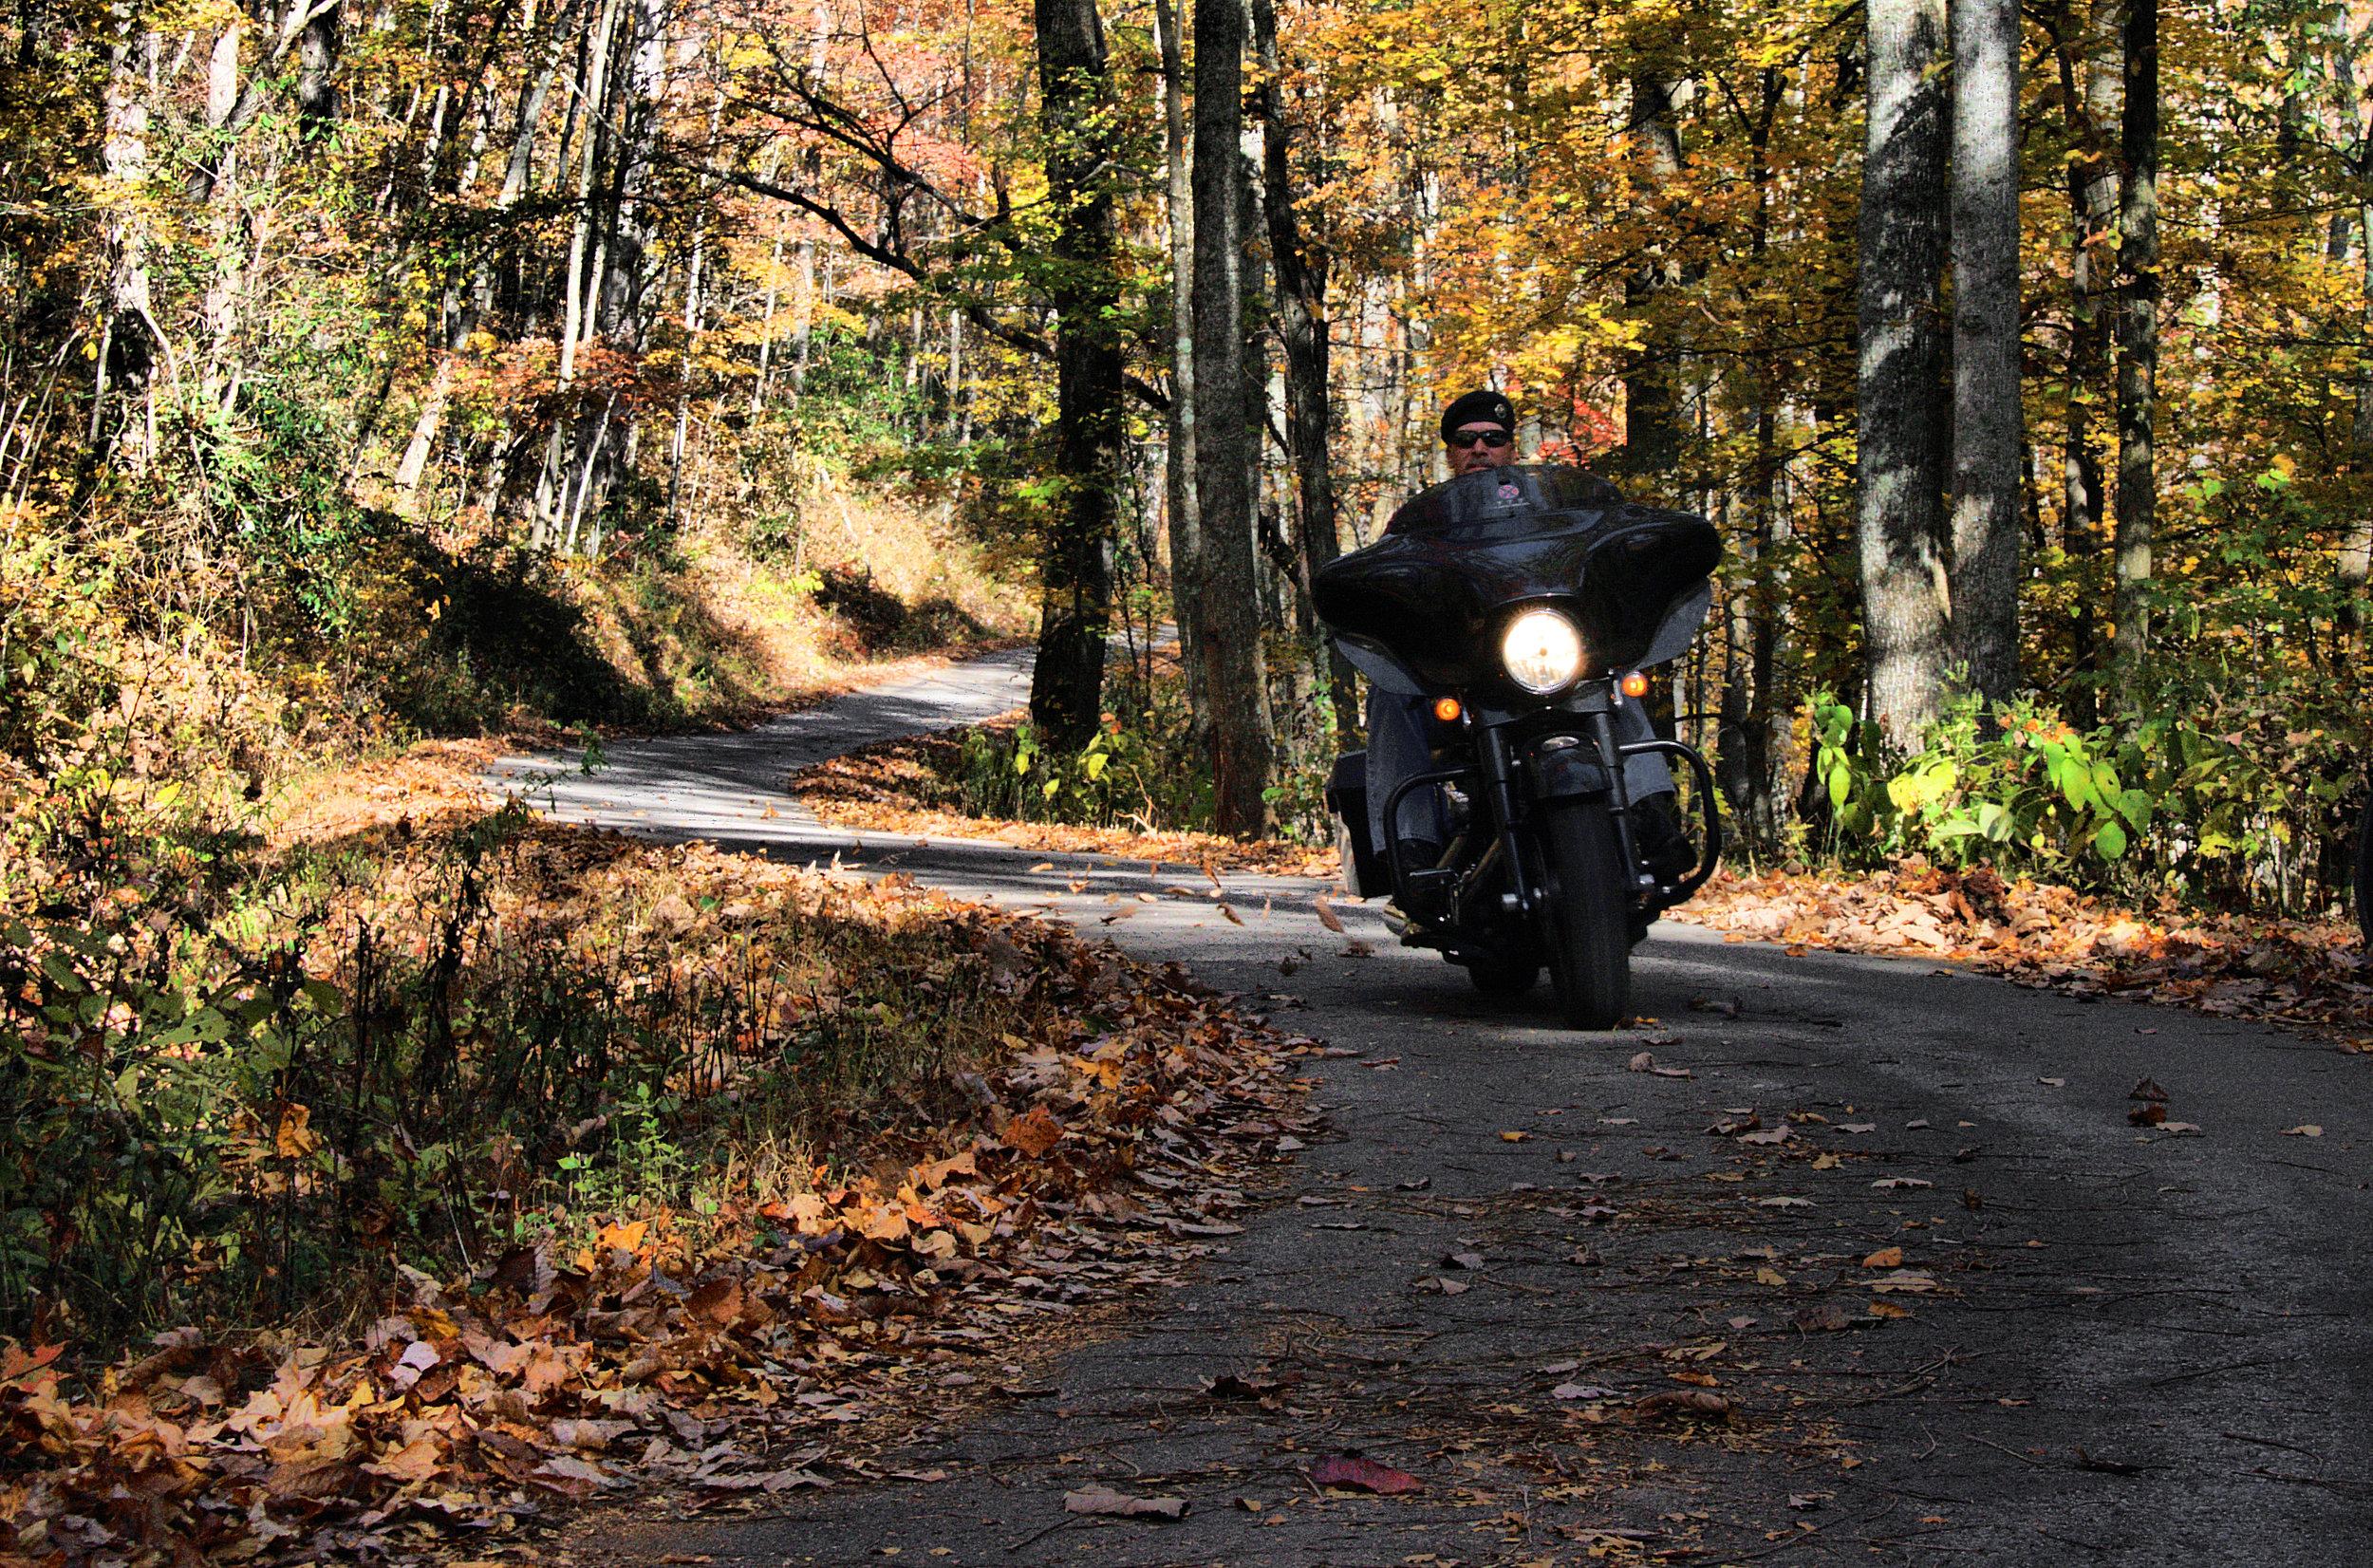 2010-10-23 @13-56-28.jpg